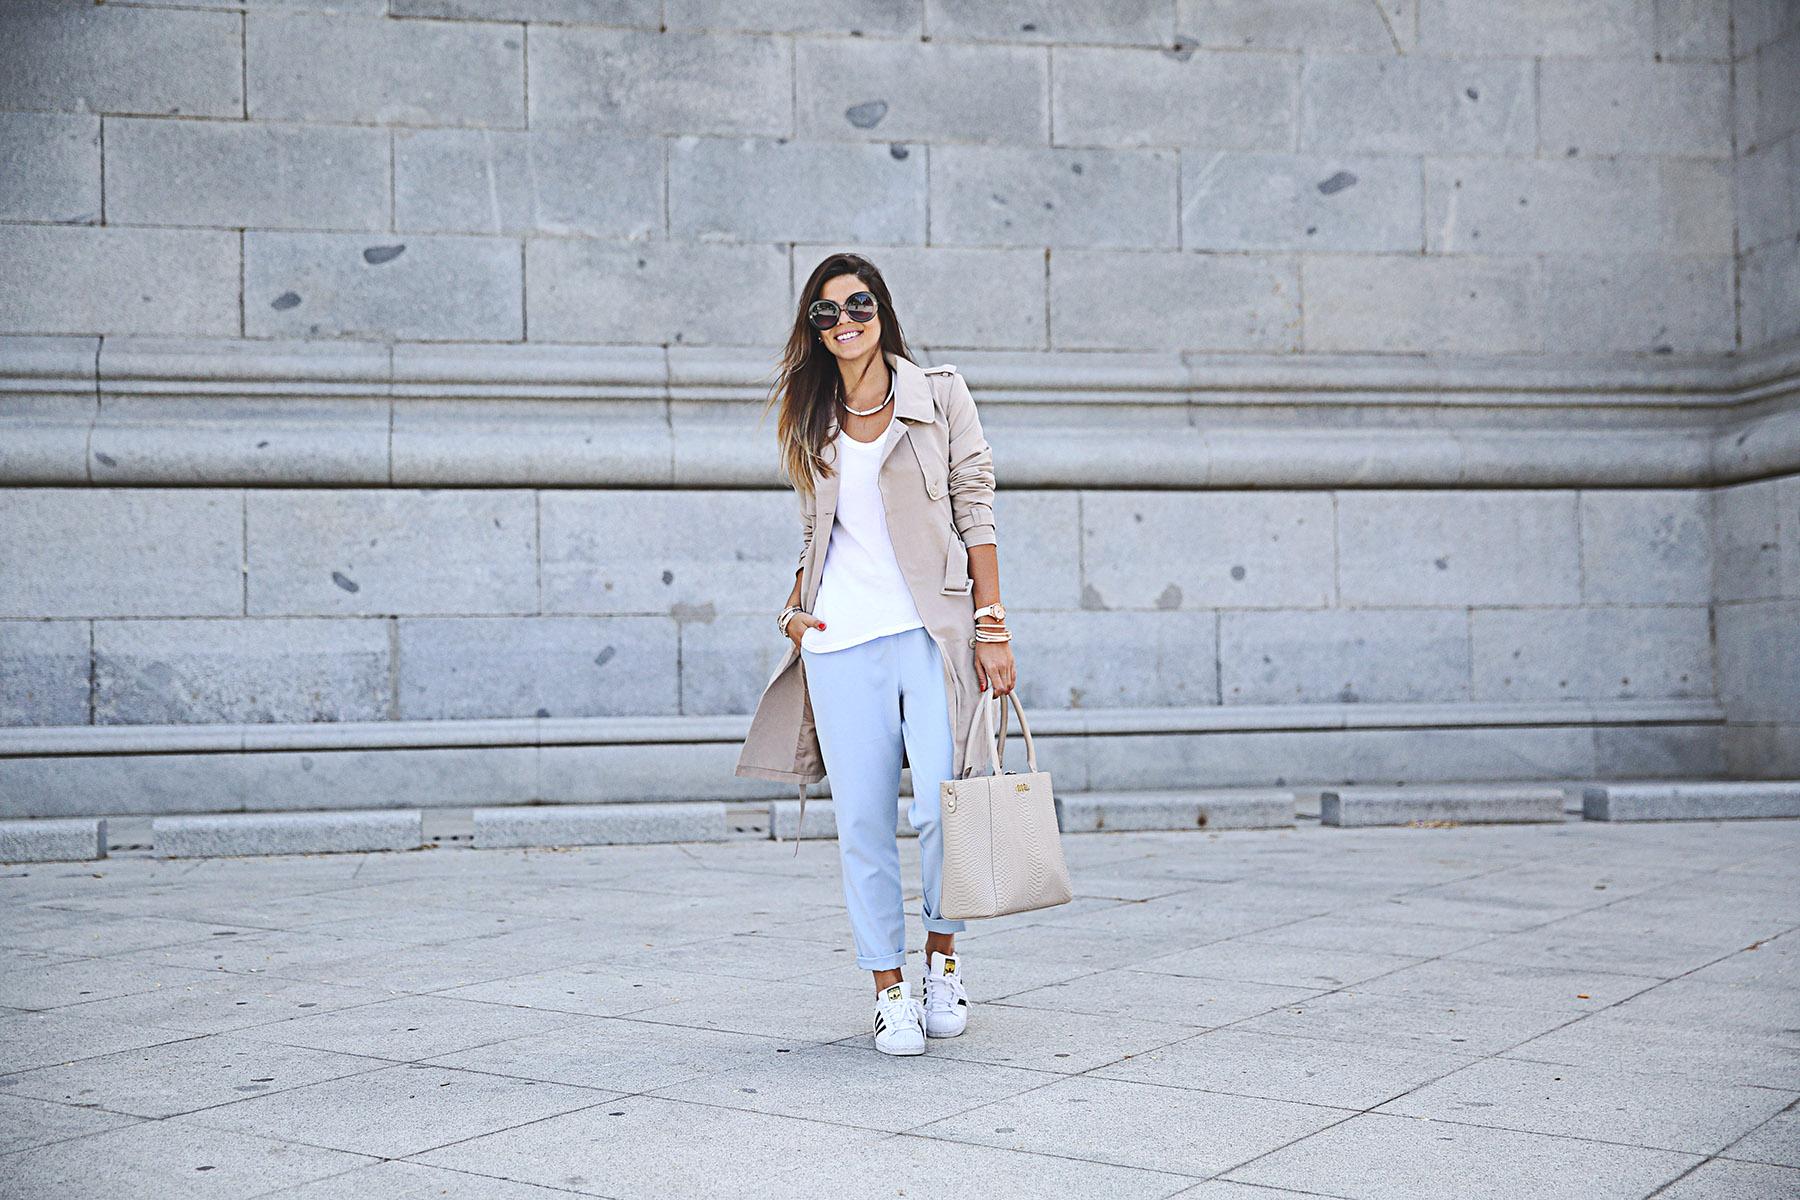 trendy-taste-look-outfit-street-style-ootd-blog-blogger-fashion-spain-moda-españa-folli-follie-shooting-trench-gabardina-adidas-superstar-camiseta-basica-basic-tee-6